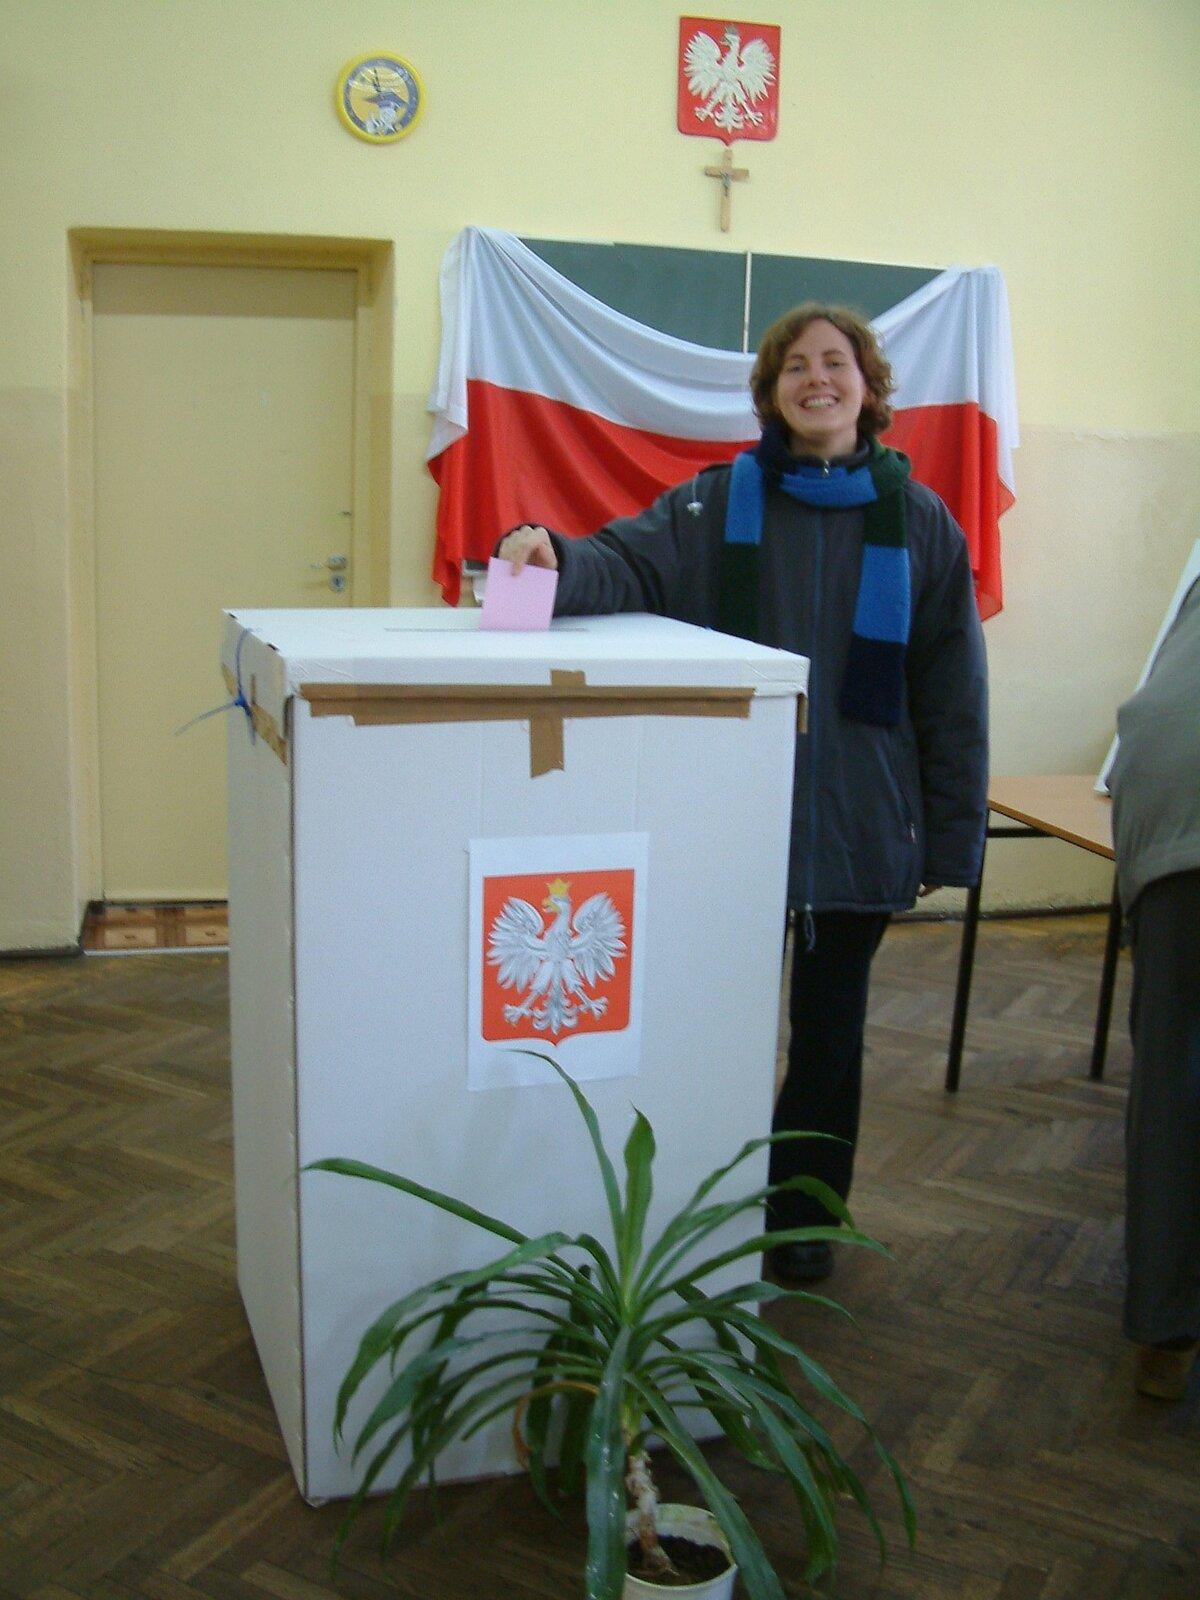 Wybory samorządowe 2006 wPoznaniu Źródło: Radomil, Wybory samorządowe 2006 wPoznaniu, licencja: CC BY-SA 3.0.